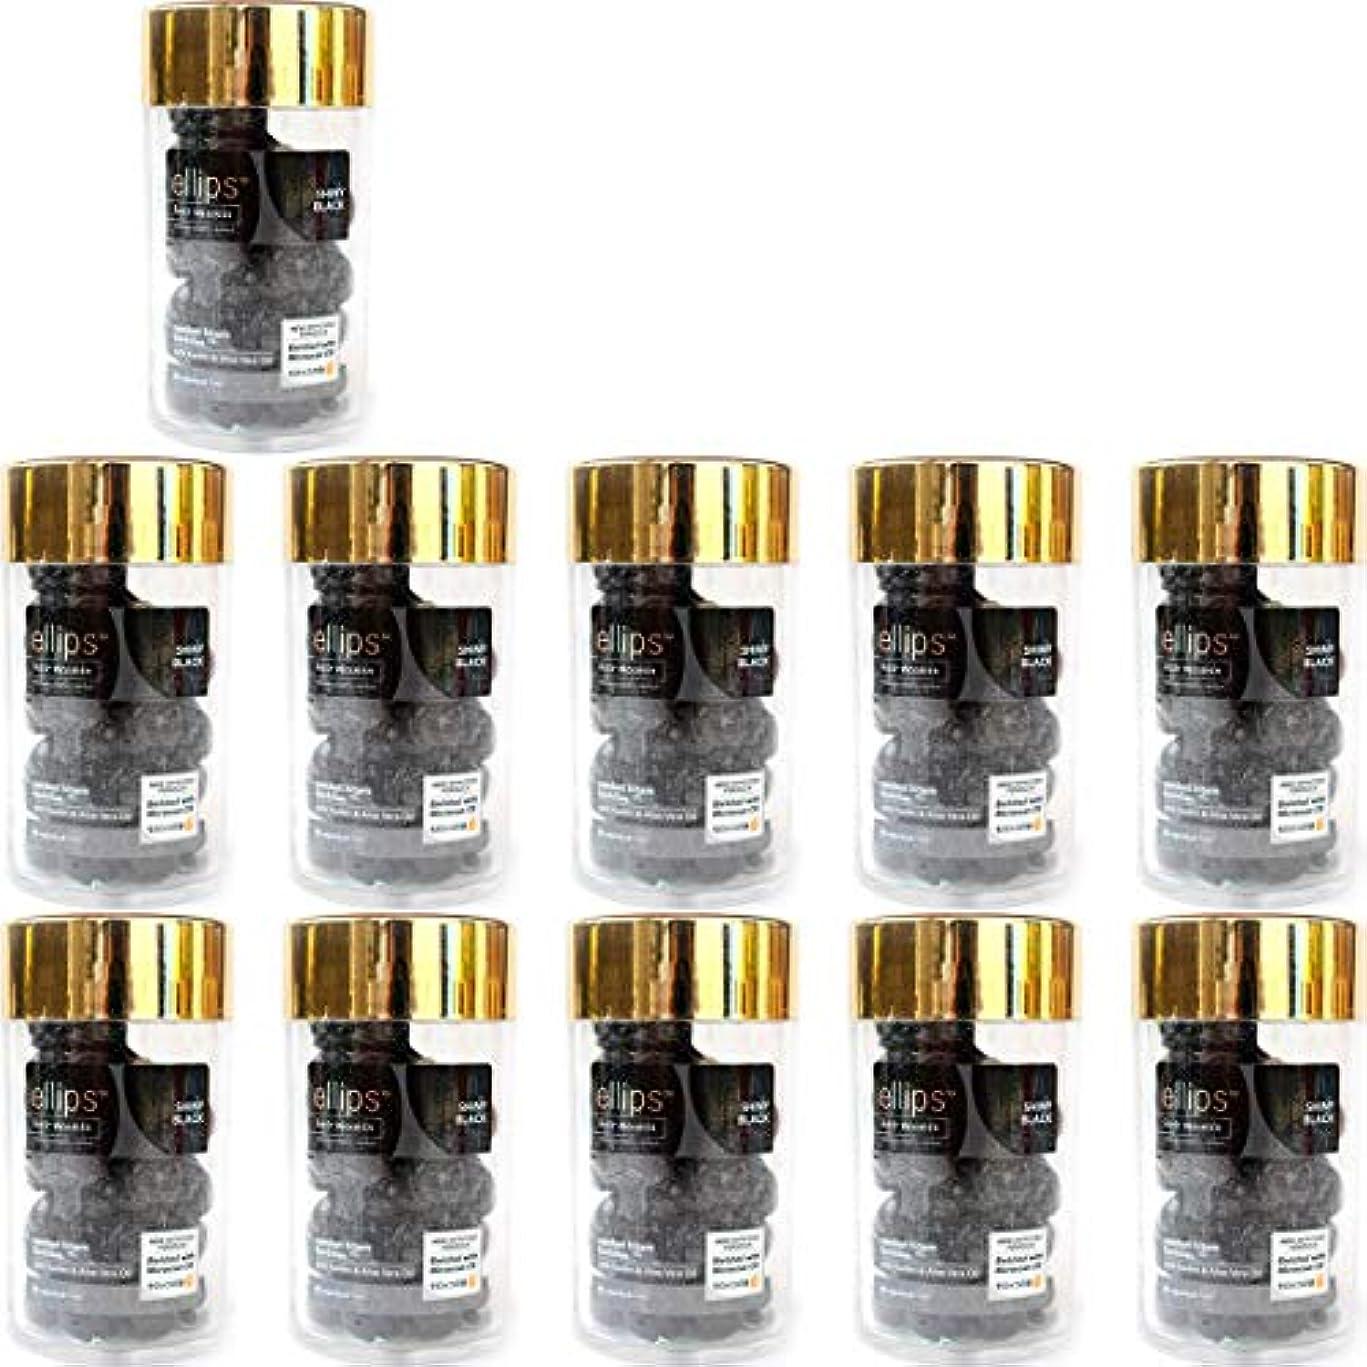 清めるバースラウズellips エリプス ヘアビタミン ヘアオイル エリップス トリートメント ナチュラルシリーズ 50粒入ボトル ブラック 11個セット [海外直送品]